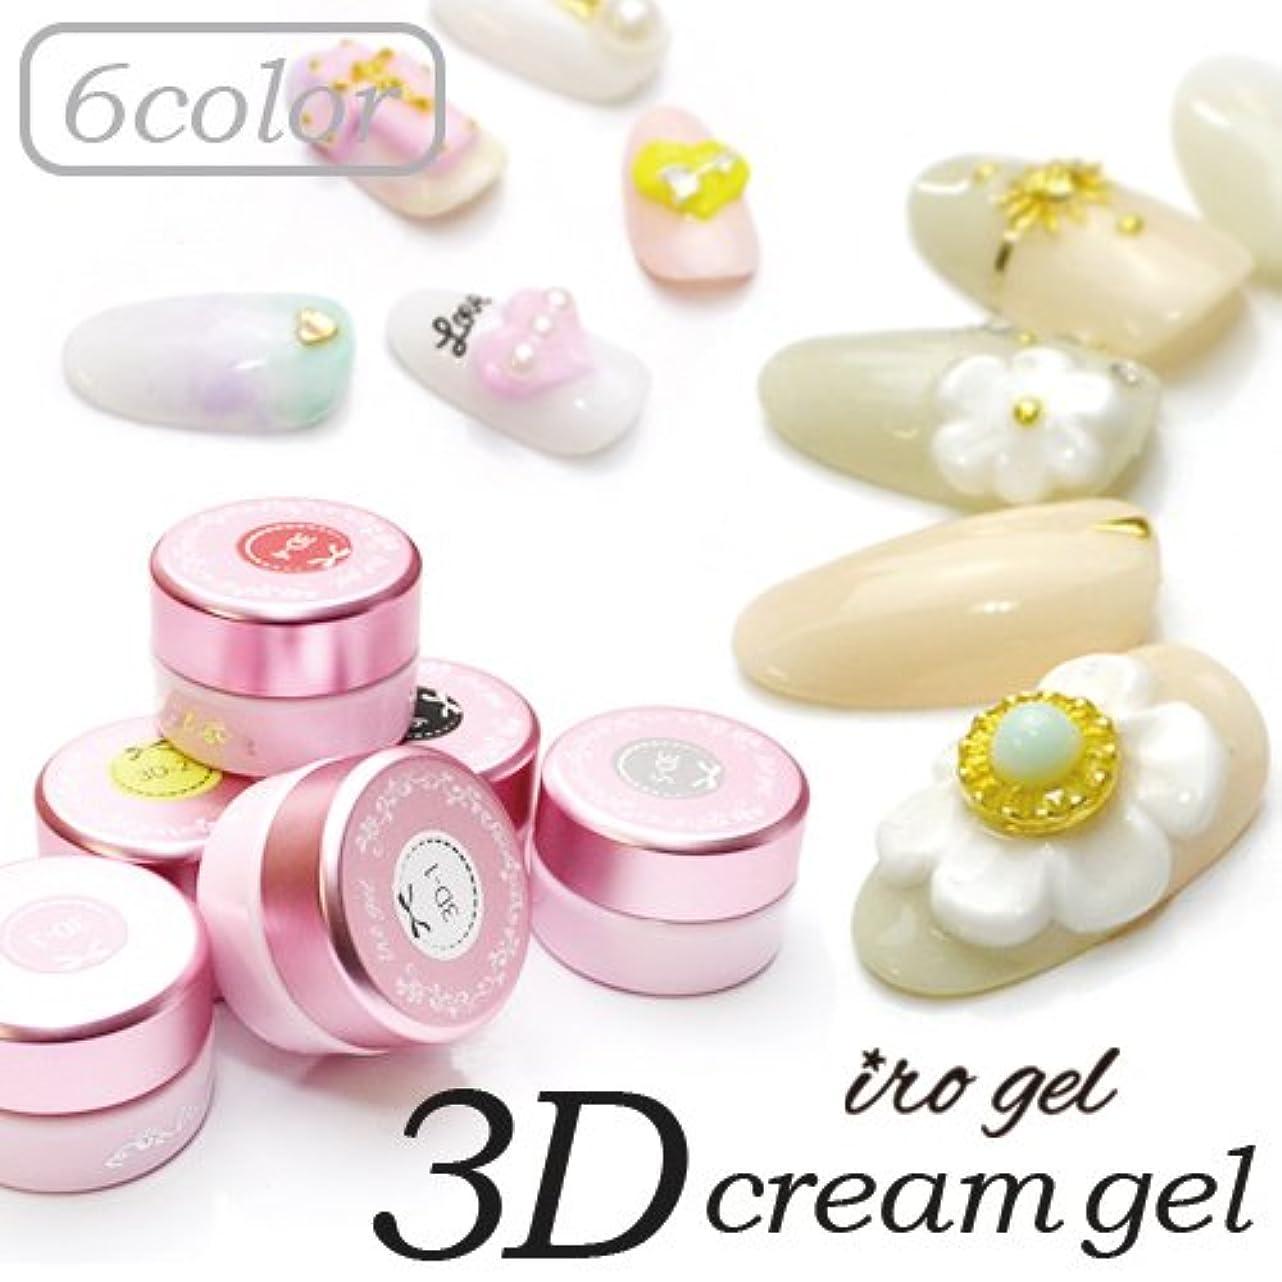 運動するグラディス松3D irogel(イロジェル)クリームジェル「1 ホワイト」3Dジェルネイル